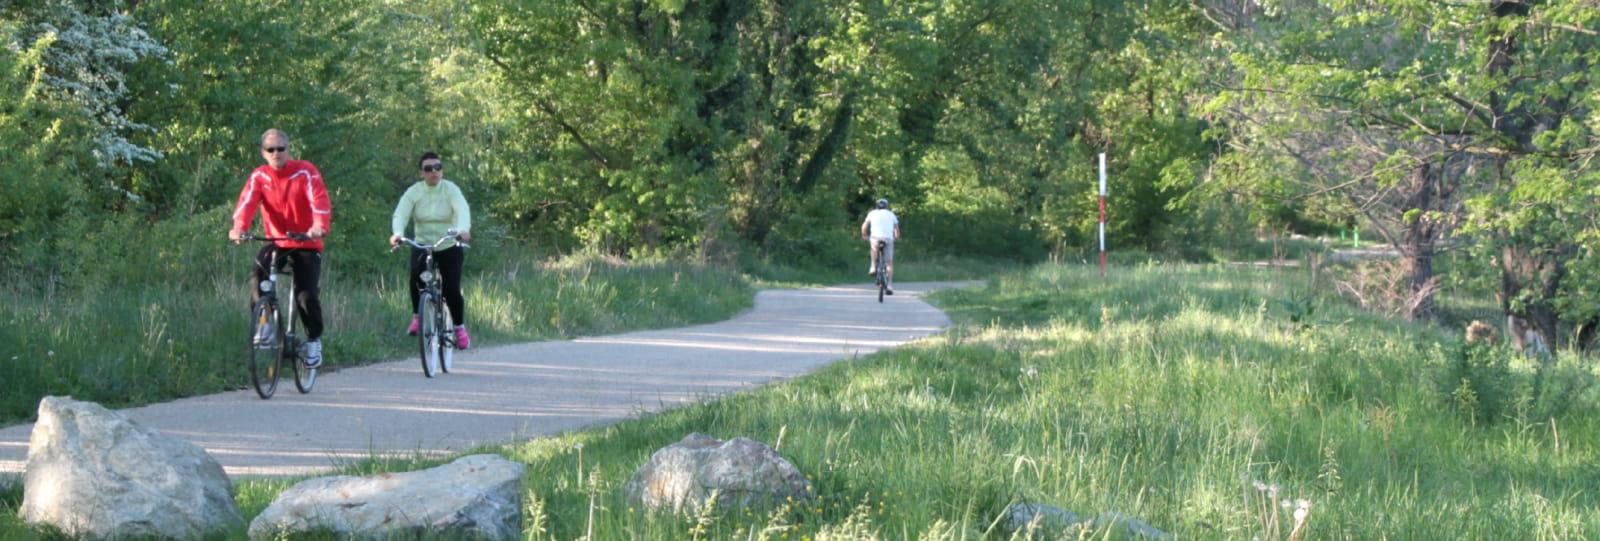 Cyclotouriste sur le voie verte